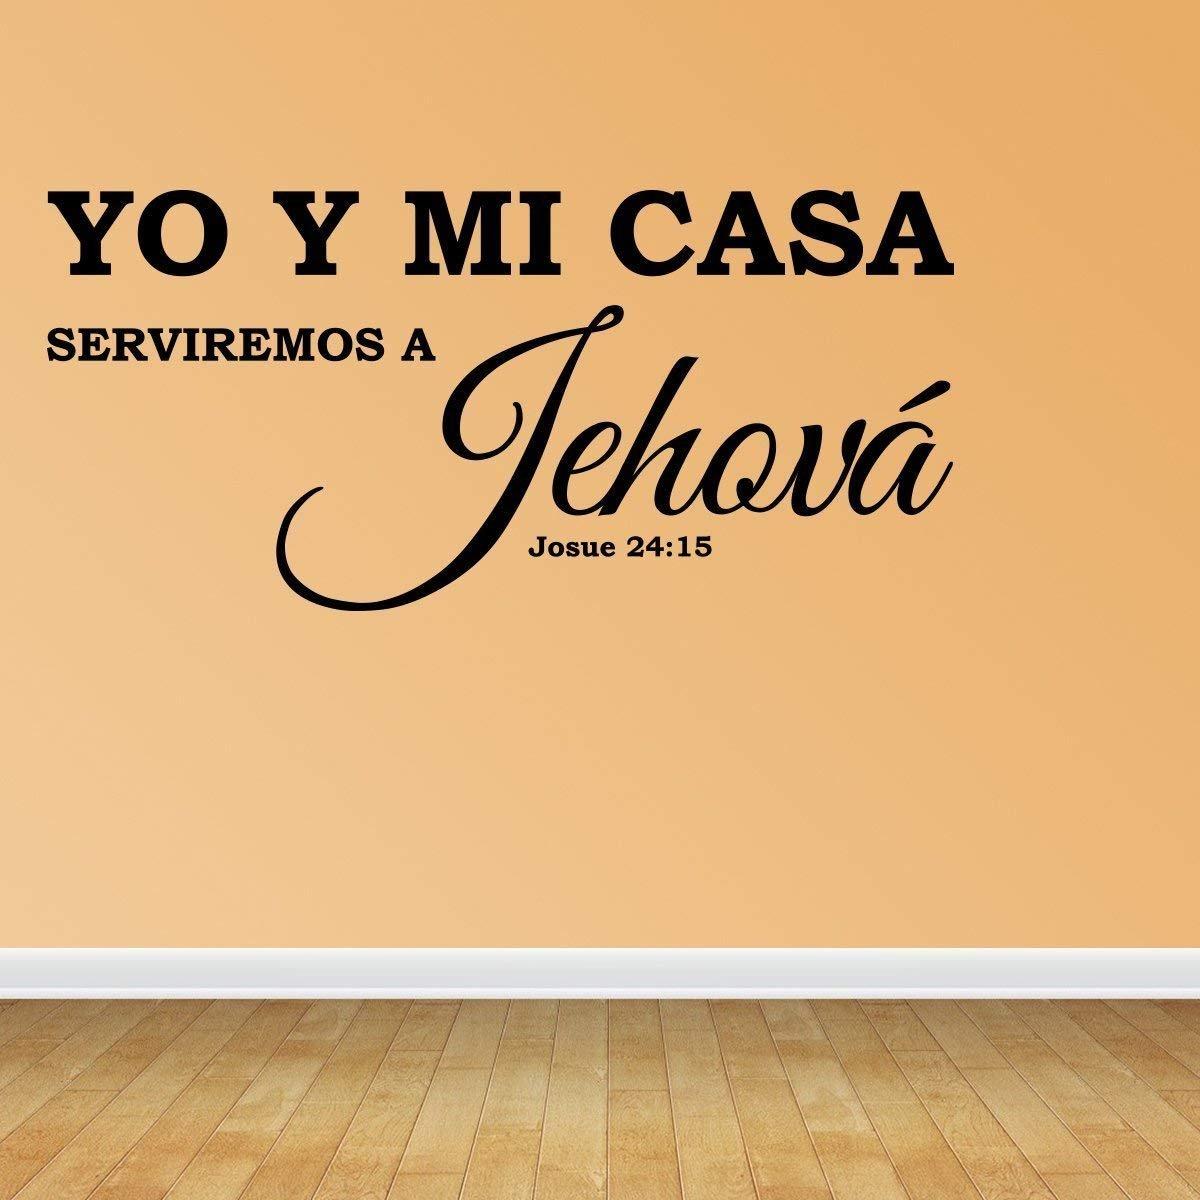 Amazon.com: Vinilo Decorativo Para Pared Yo Y Mi Casa Serviremos A Jehová Josue 24:15 Wall Decal Quote: Home & Kitchen